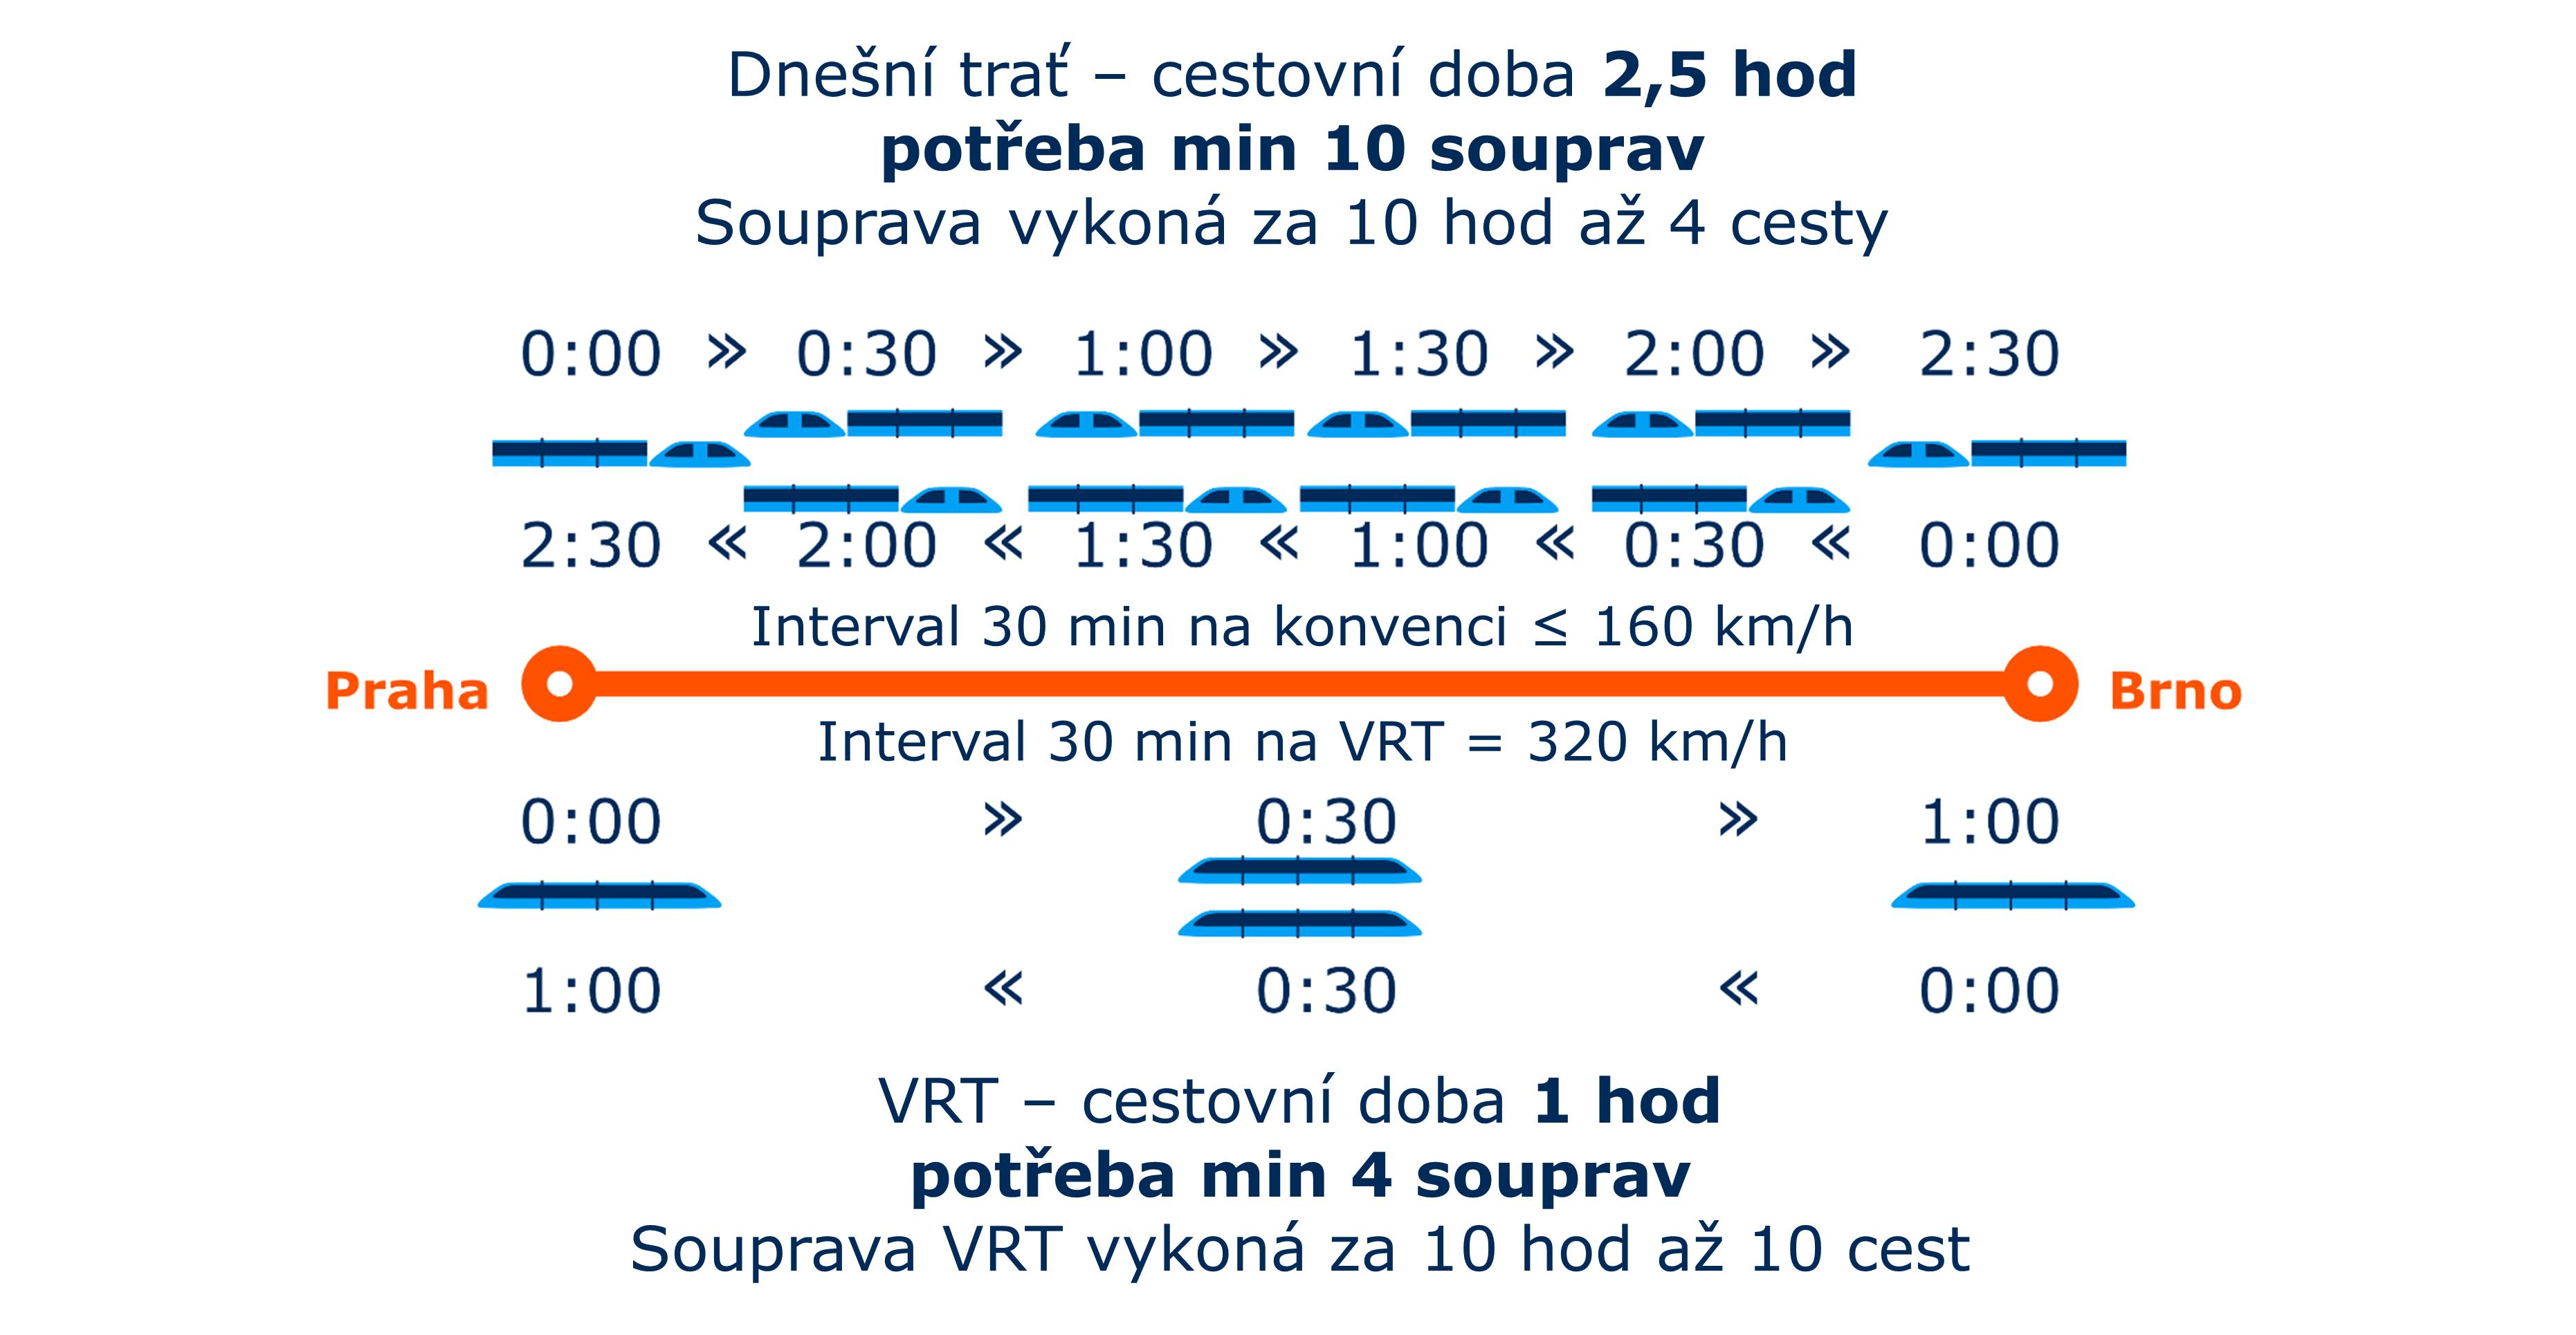 Schéma využití a potřeby vlakových souprav v závislosti na rychlosti provozu (zdroj: Správa železnic).